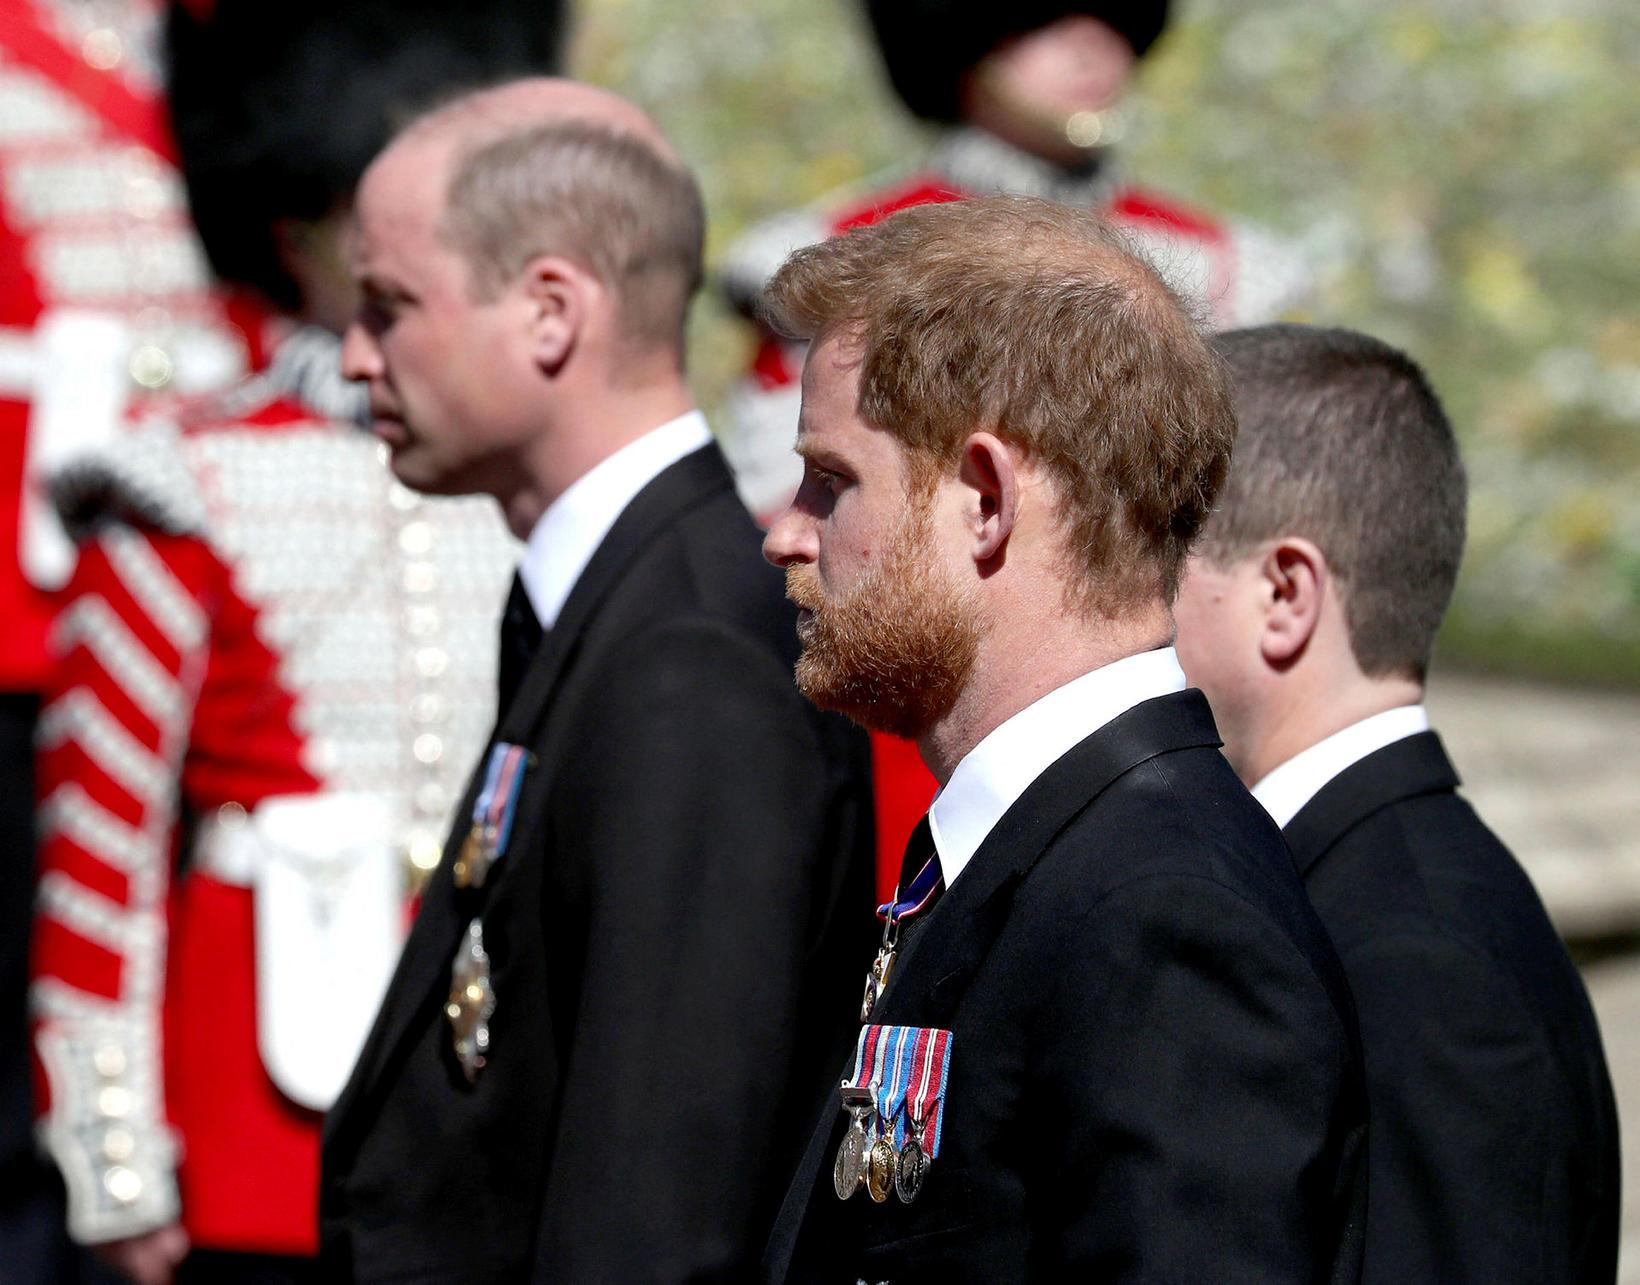 Hér sjást prins William og bróðir hans Harry við jarðarförina.